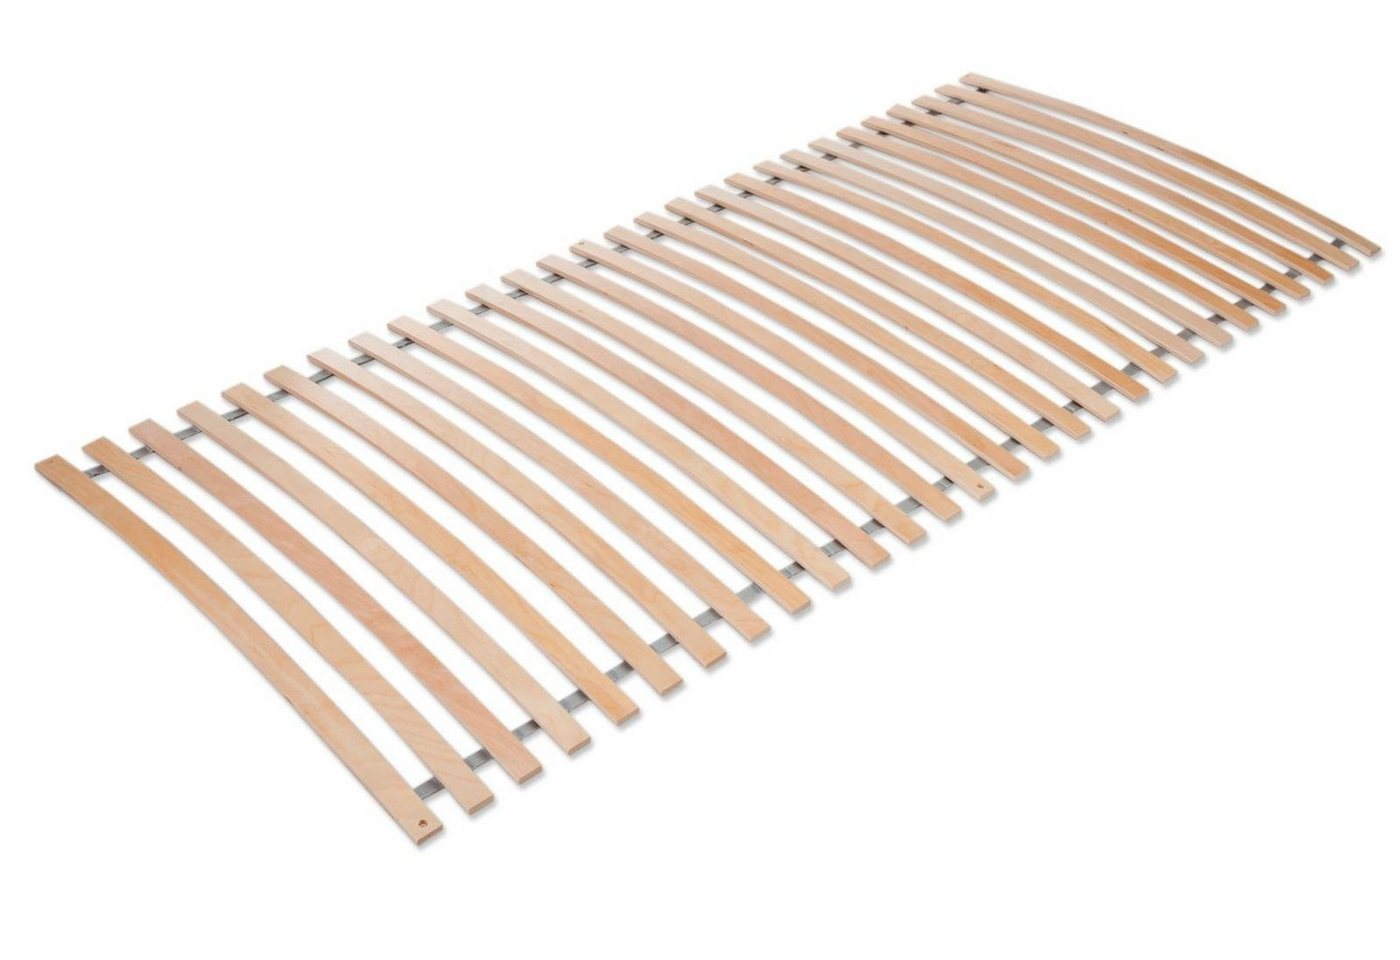 Rollrost, »Basic Comfort«, Jekatex, 28 Leisten, Kopfteil nicht verstellbar, Belastbar bis 150 kg | Schlafzimmer > Lattenroste > Rollroste | Furniert | Jekatex